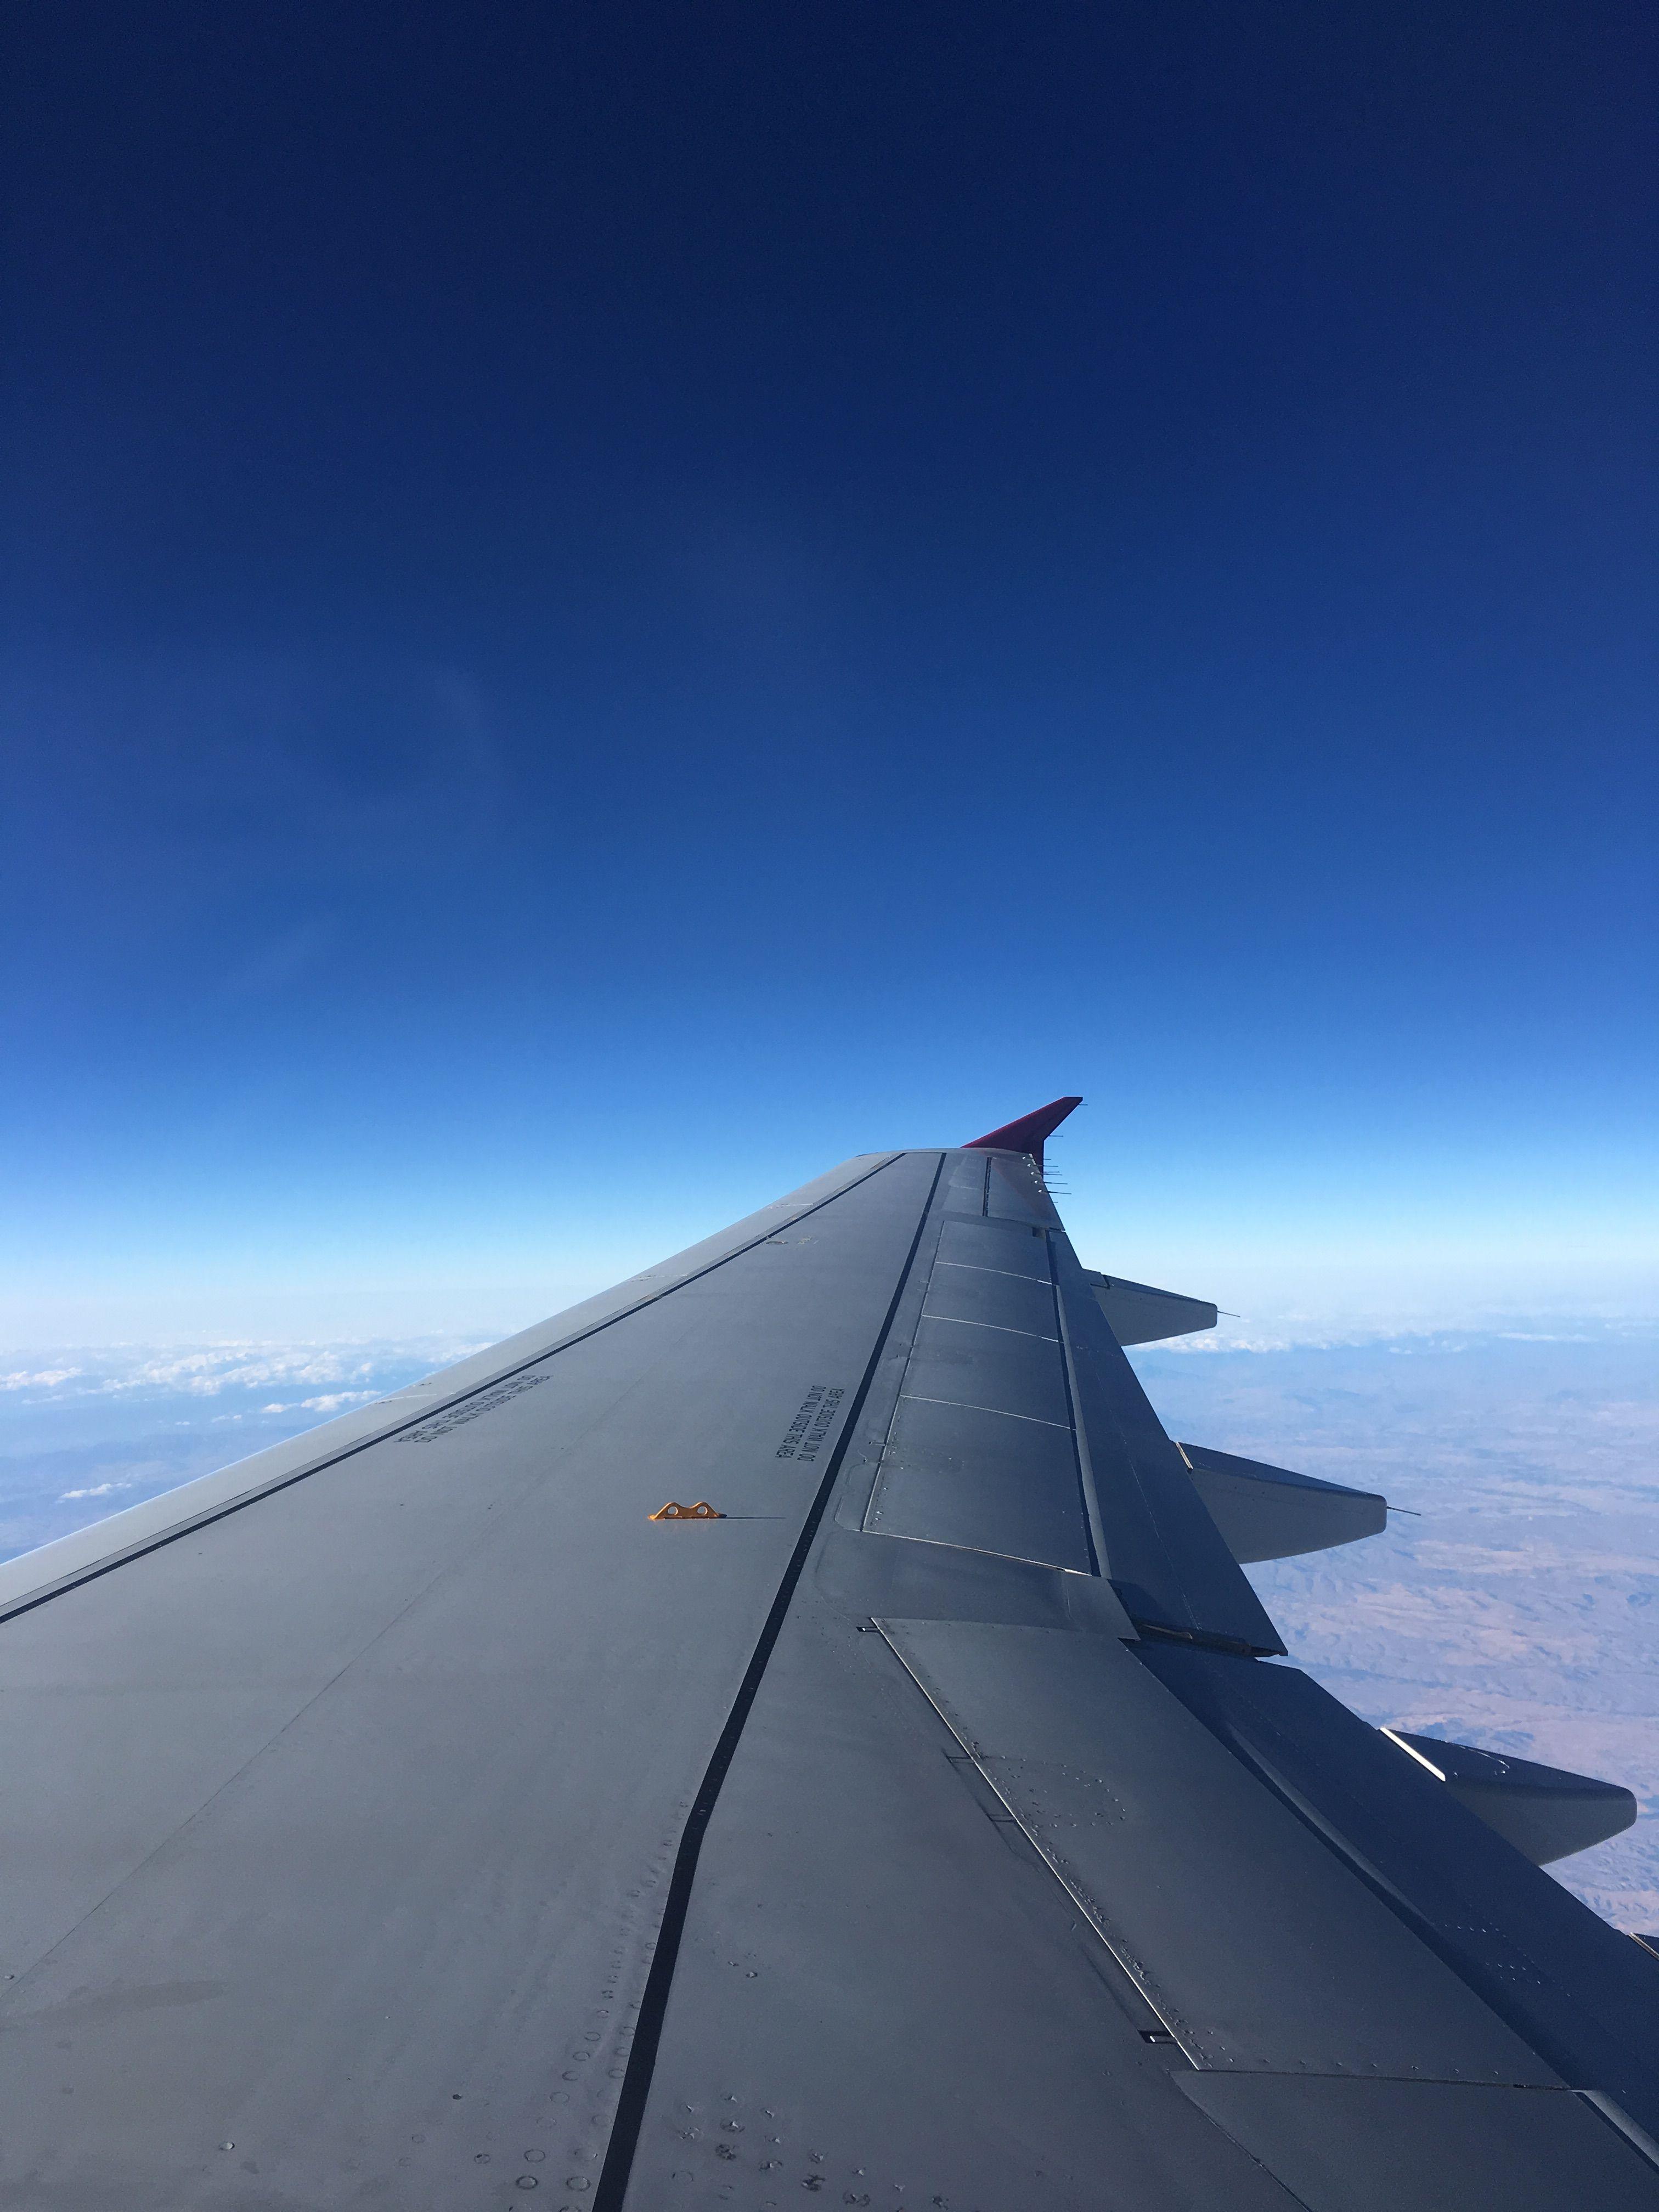 Фото из самолета. Такое красивое небо. | Путешествия ...